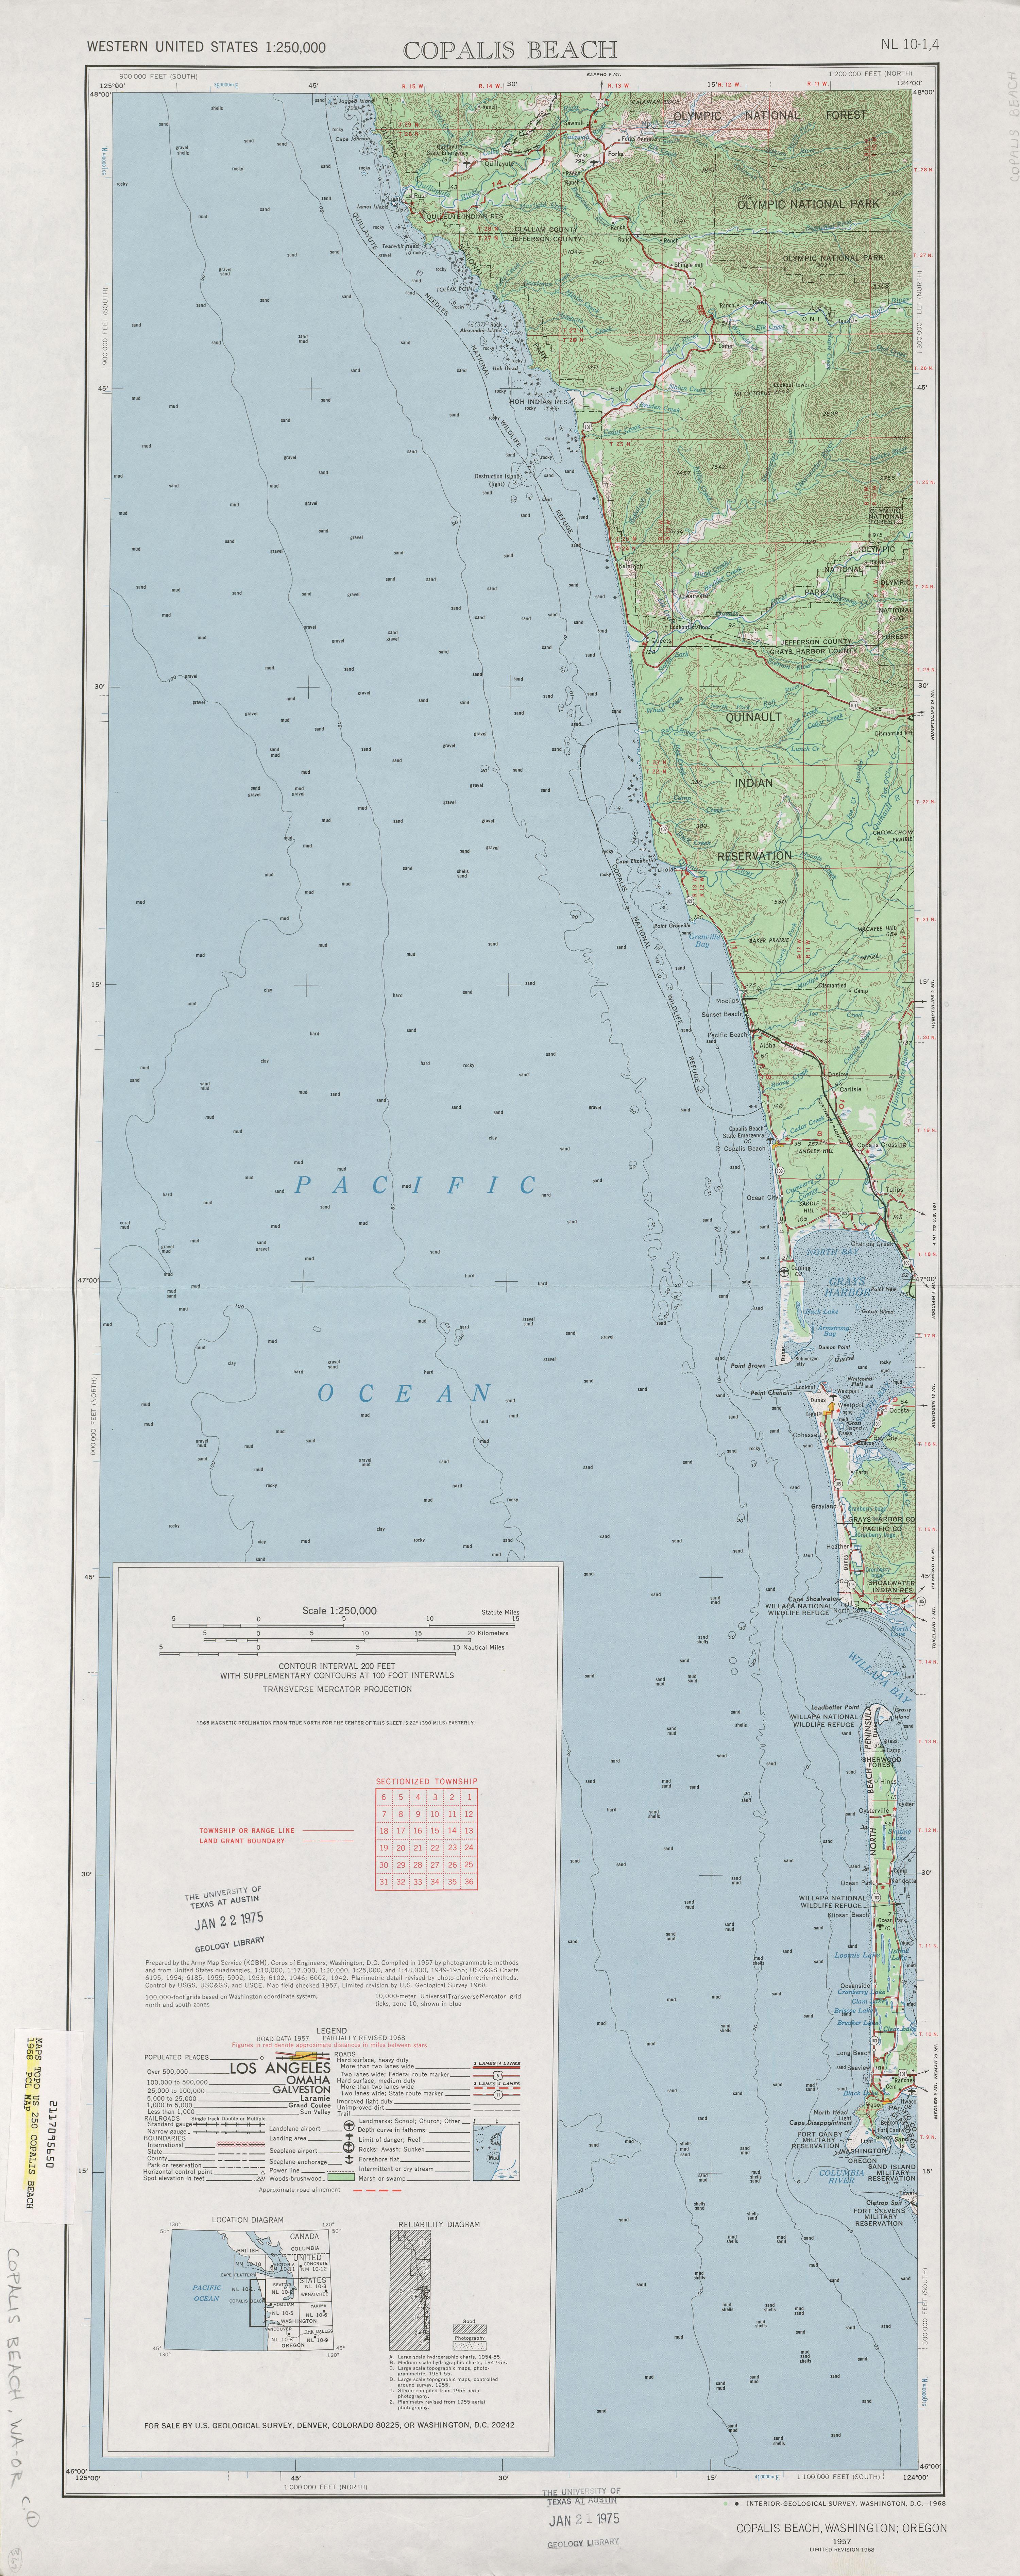 Hoja Copalis Beach del Mapa Topográfico de los Estados Unidos 1968